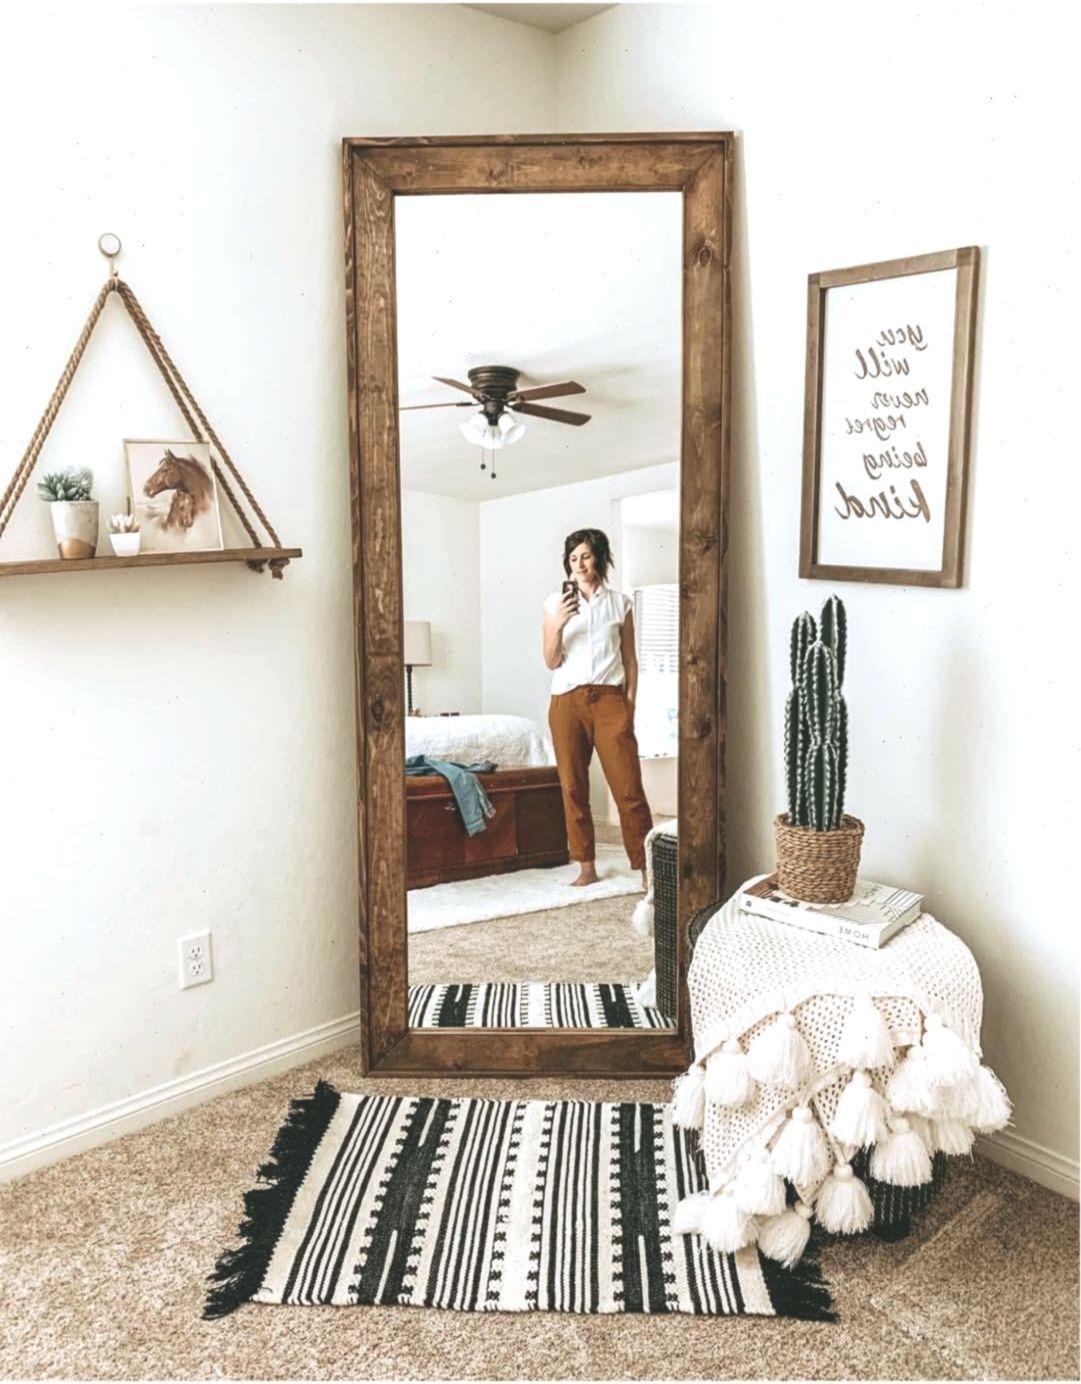 Mirror Wood Mirror Full Length Mirror Bedroom Master Bedroom Boho Farmhouse B Bedroom Door Design Full Length Mirror In Bedroom Farmhouse Bedroom Decor